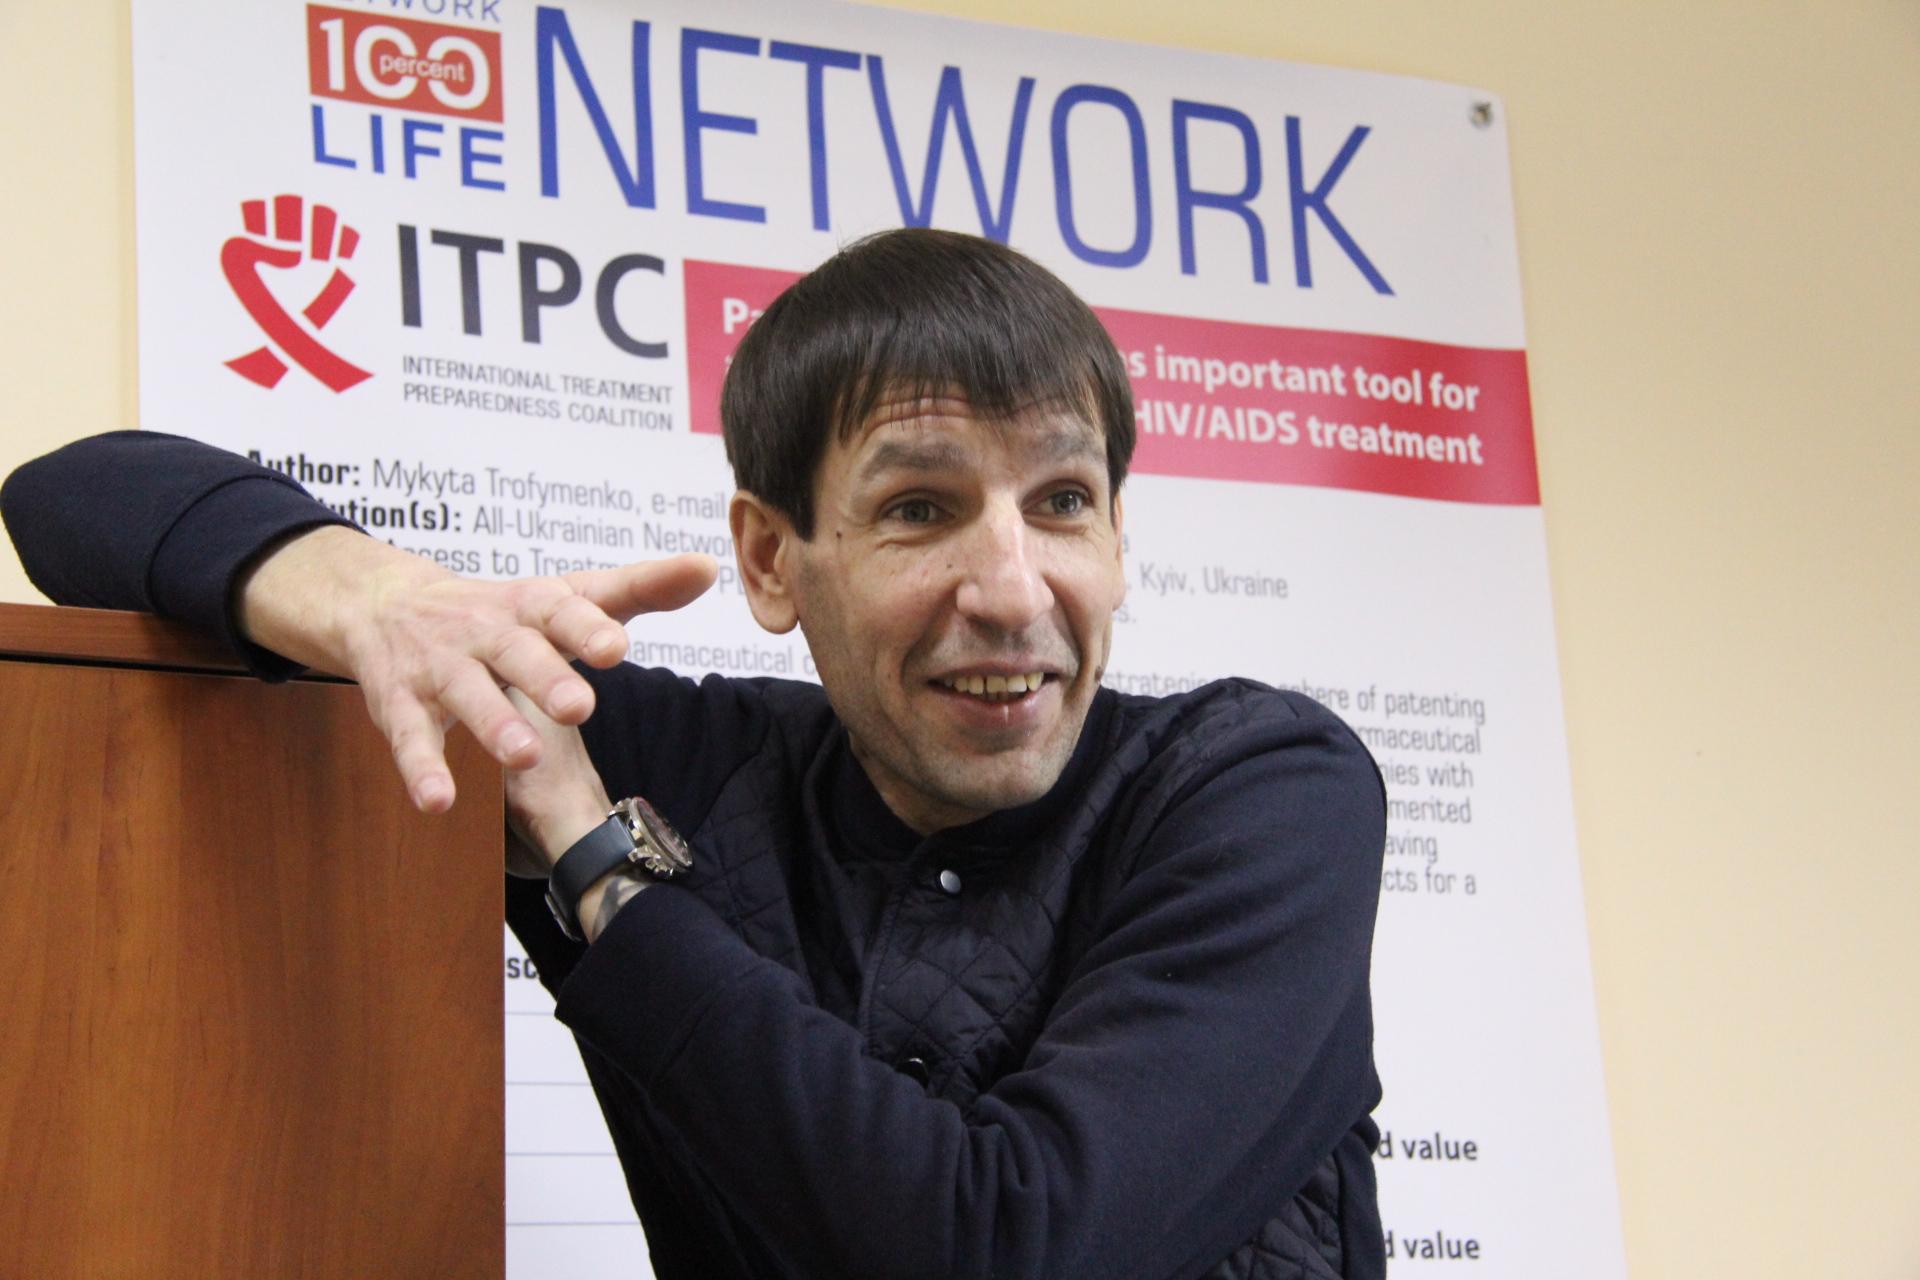 Увага! Віталій Ткачук став кандидатом до Громадської ради МОЗ